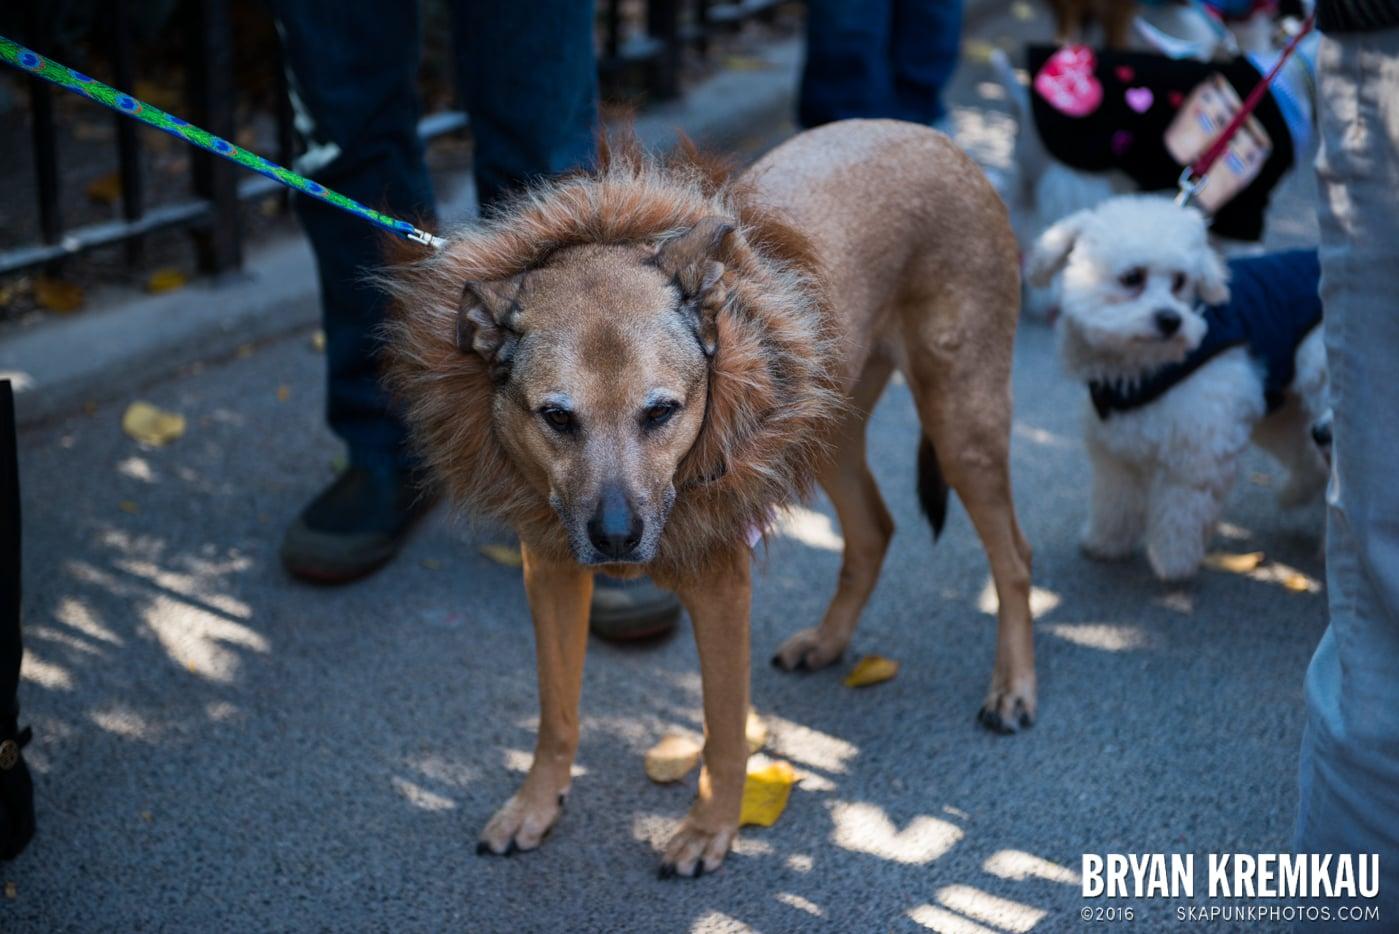 Tompkins Square Halloween Dog Parade 2013 @ Tompkins Square Park, NYC - 10.26.13 (57)